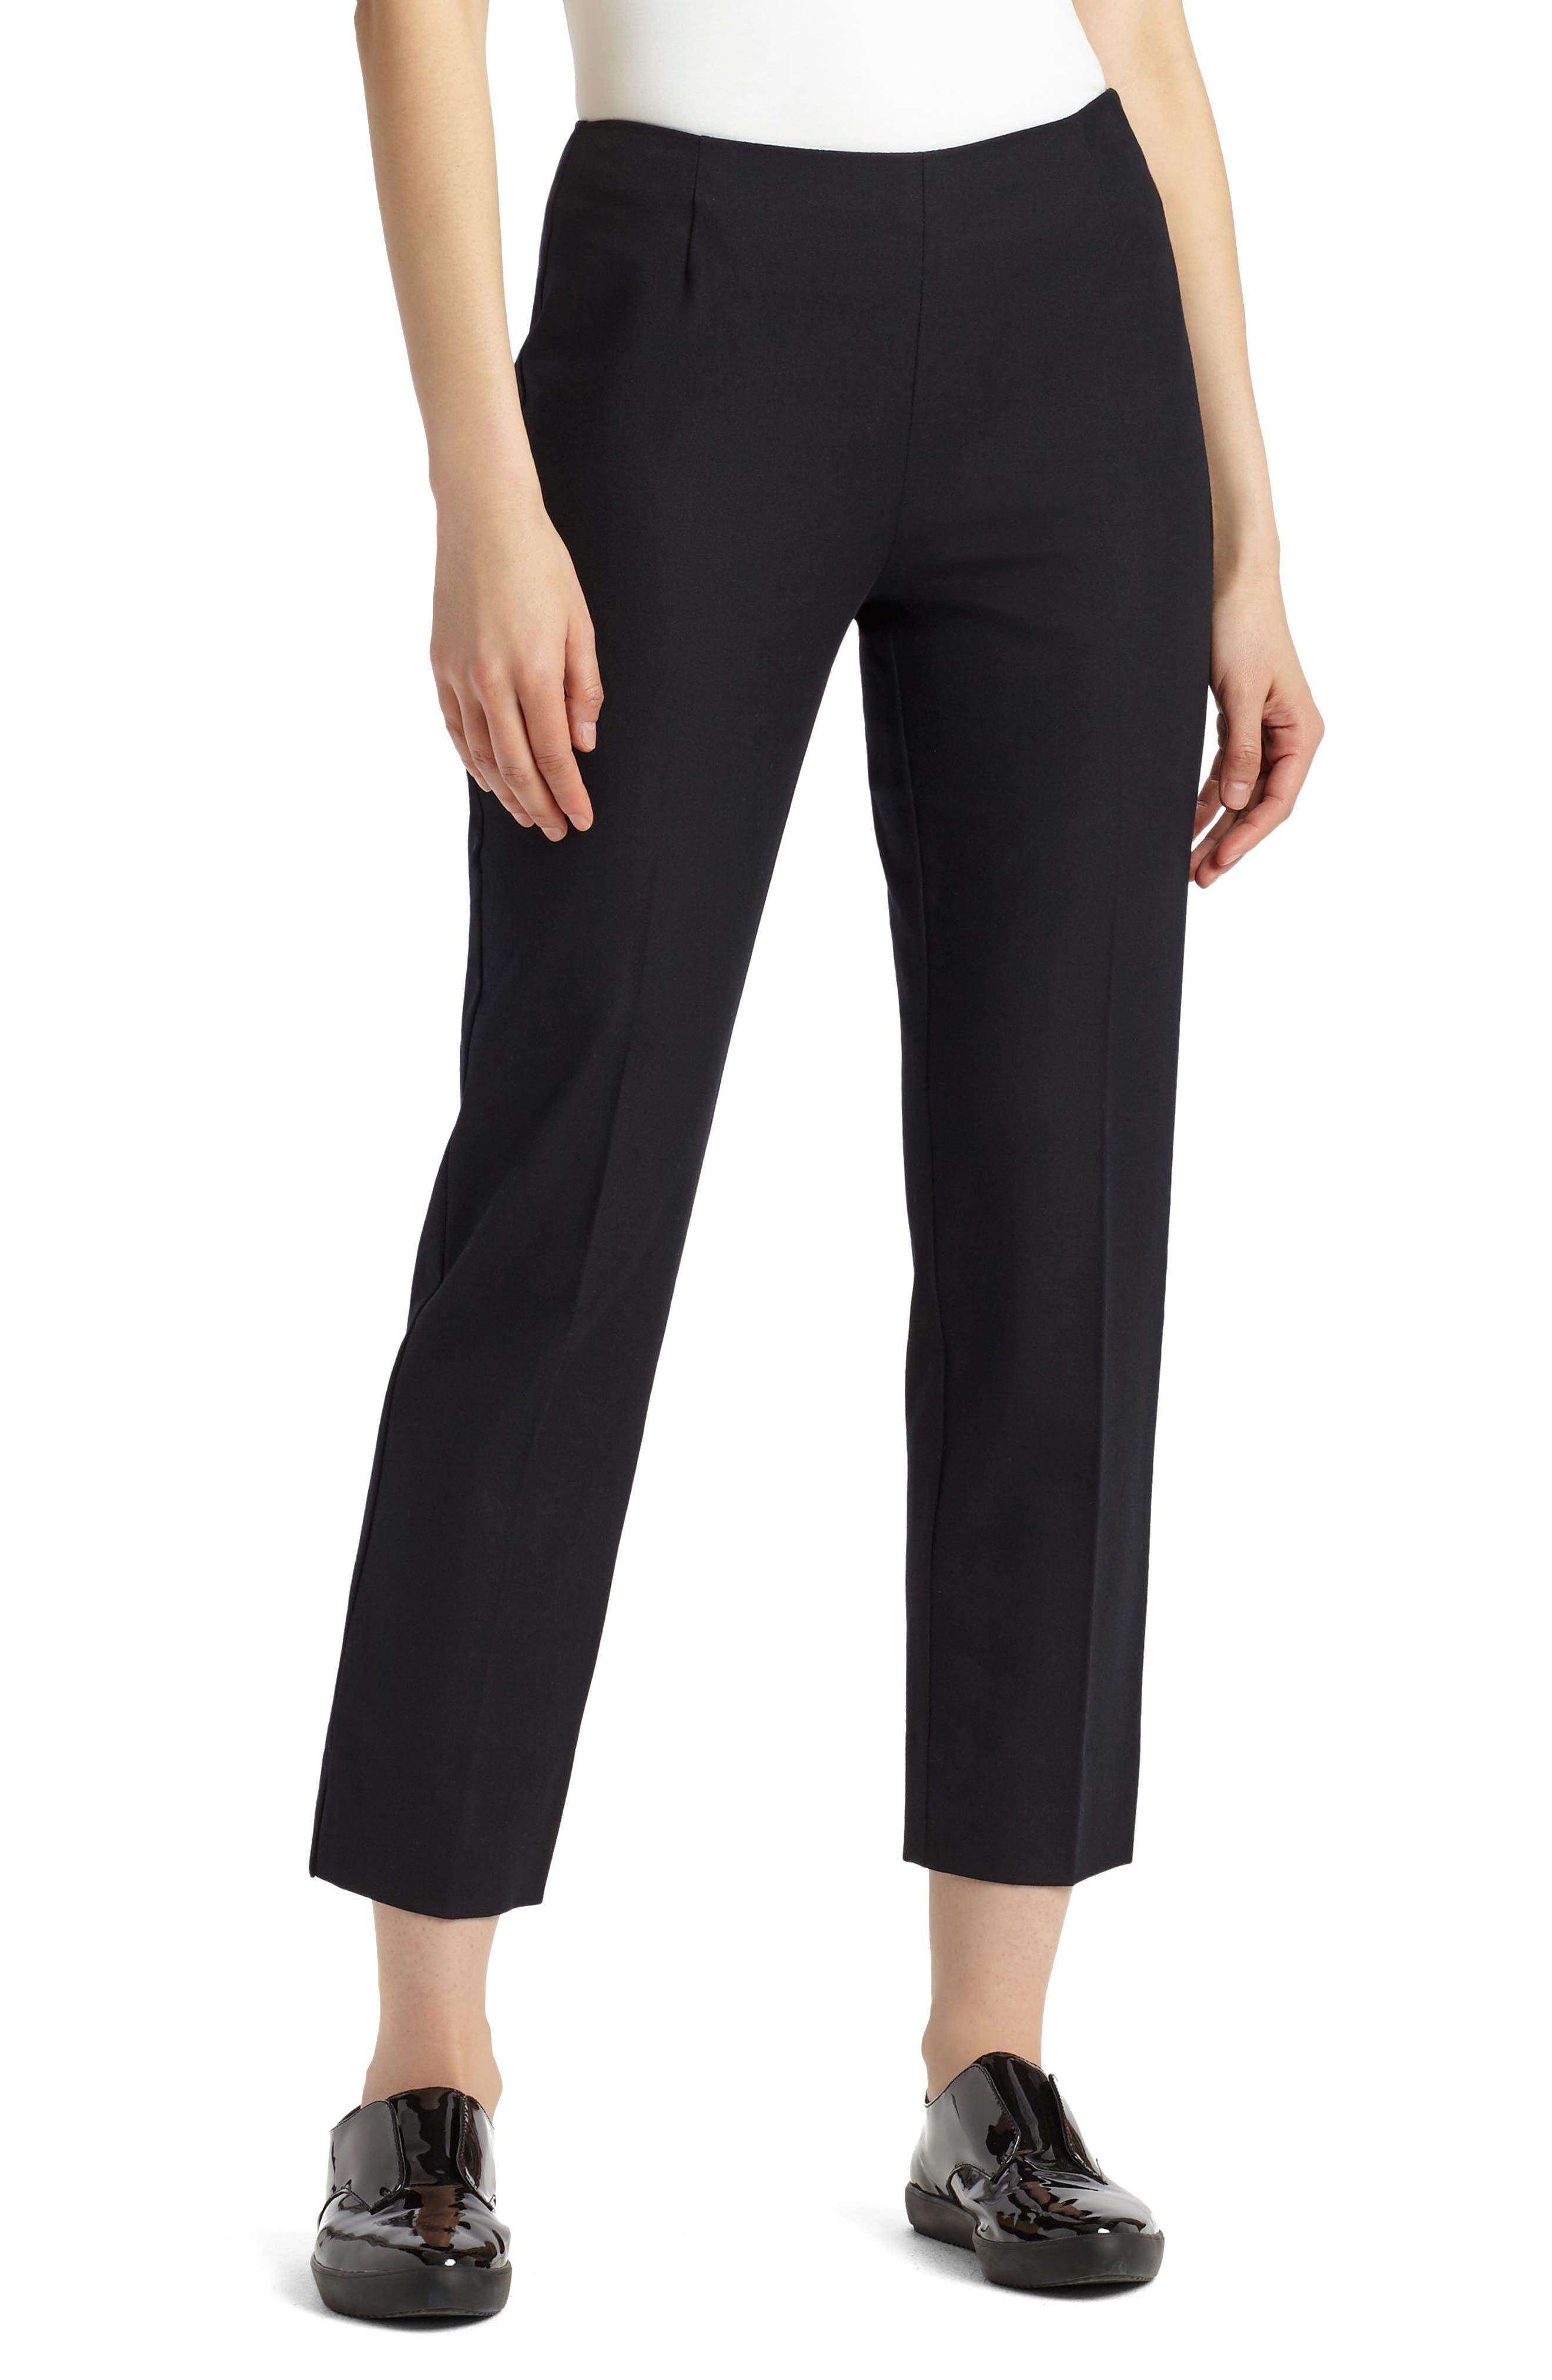 LAFAYETTE 148 NEW YORK Lexington Stretch Cotton Crop Pants, Main, color, BLACK